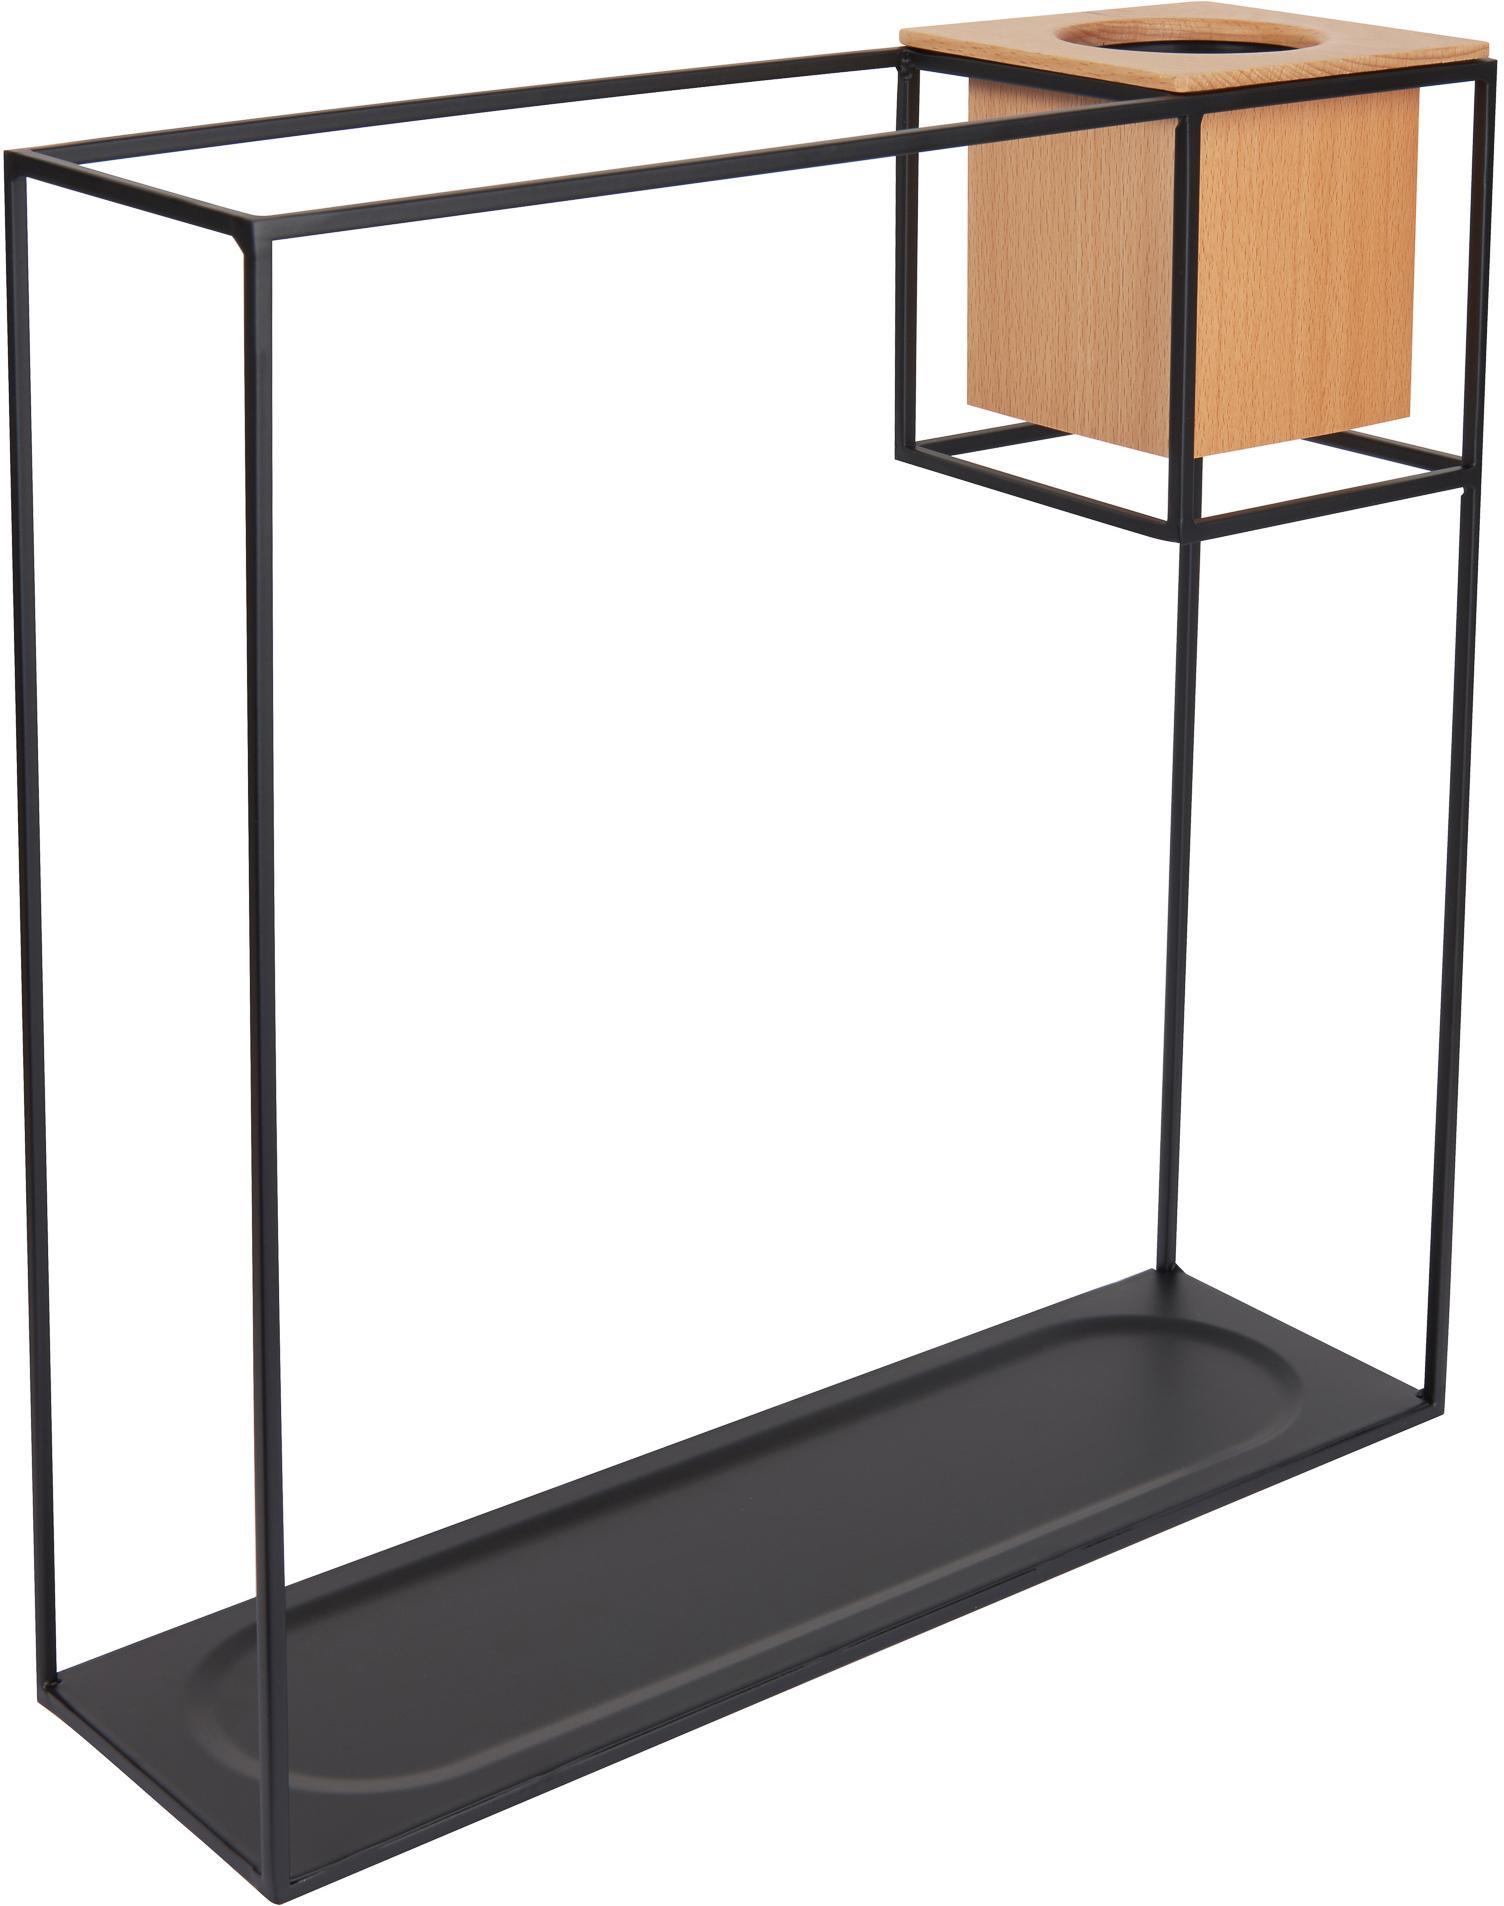 Mensola a muro Cubist, Mensola: metallo rivestito, Contenitore: legno di frassino con ins, Nero, marrone chiaro, Larg. 38 x Alt. 38 cm